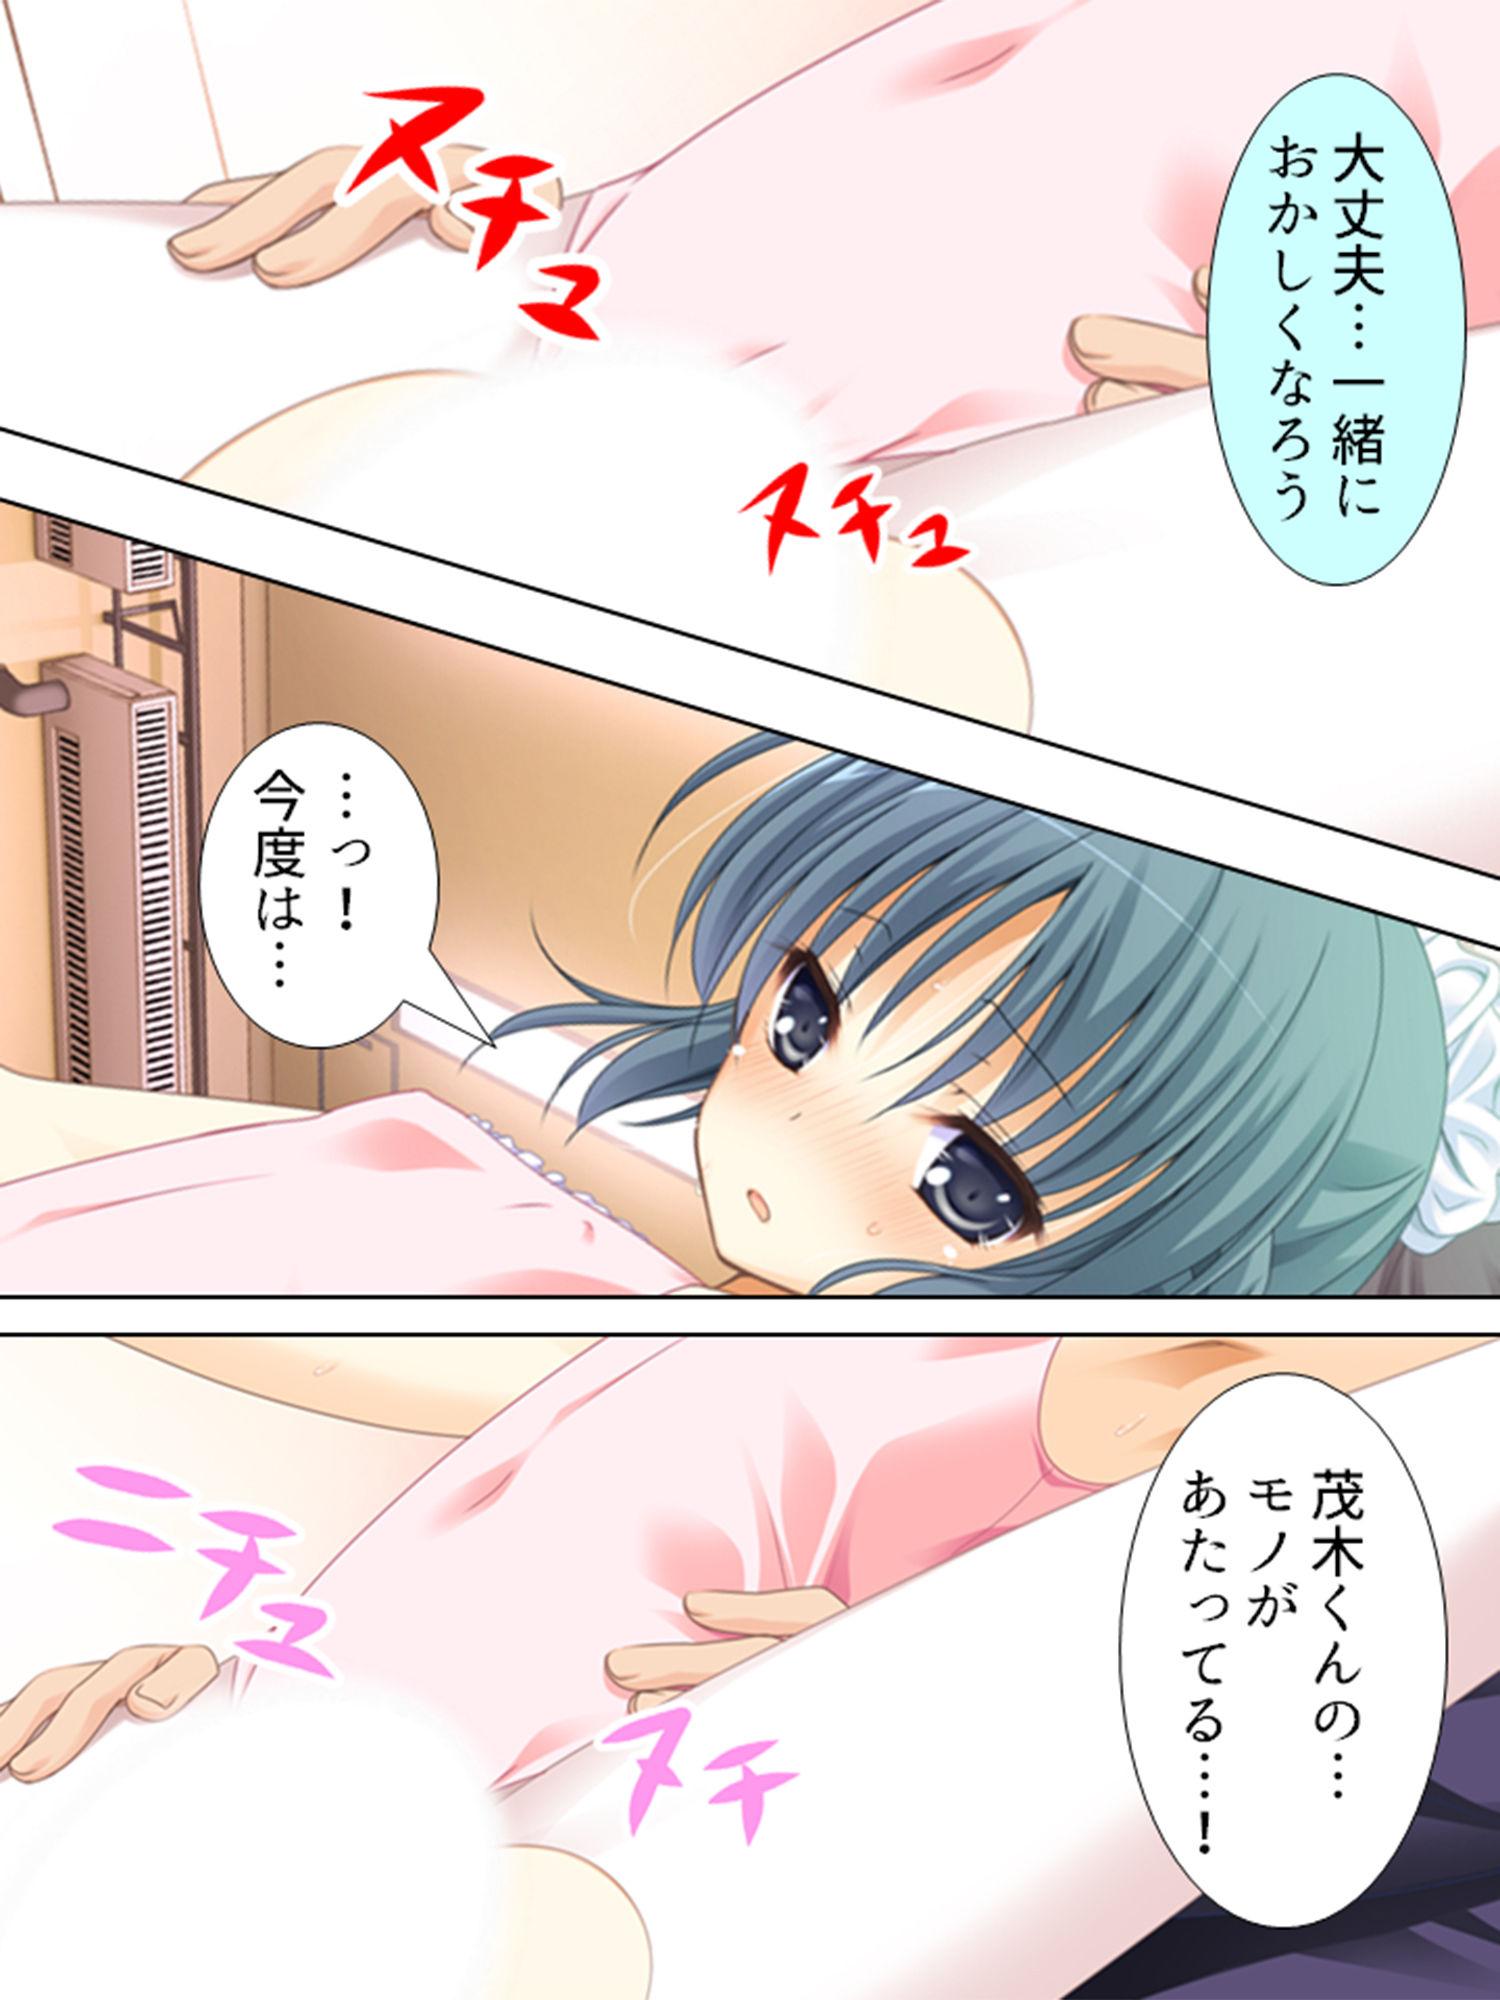 【日常 同人】妹とその友達は、エッチなハプニングが起こりっぱなし下